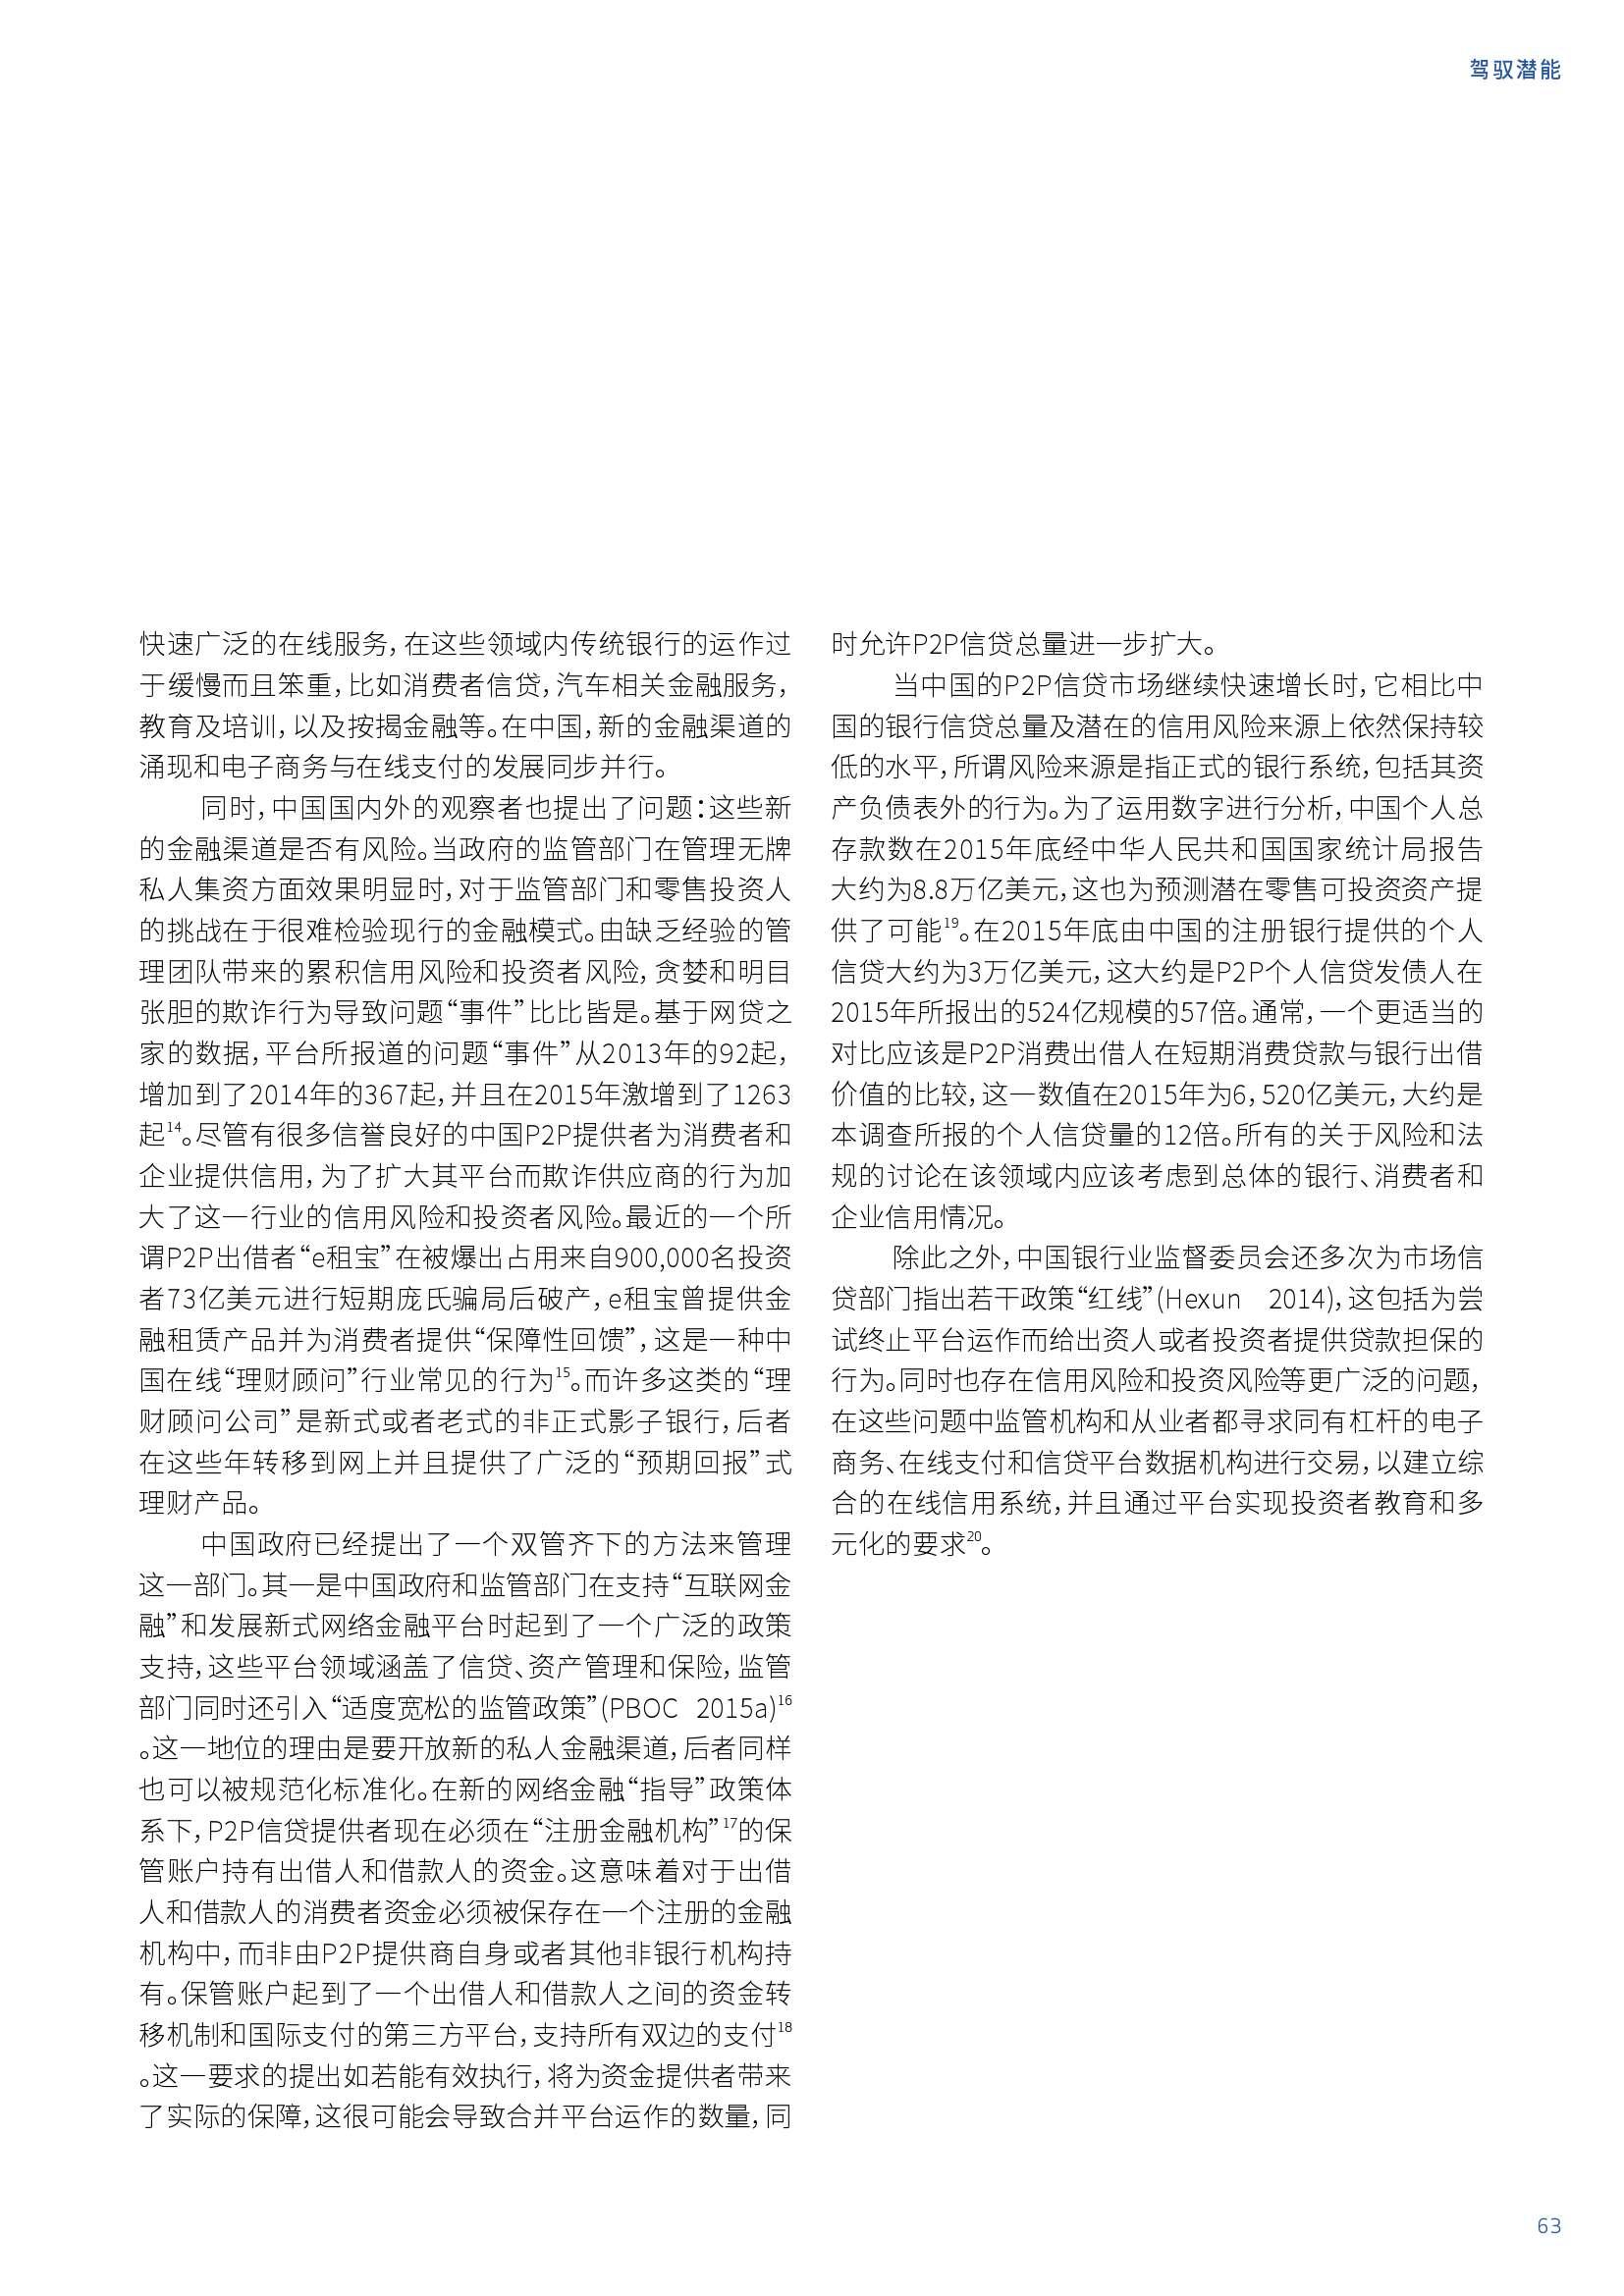 亚太地区网络替代金融基准报告_000063